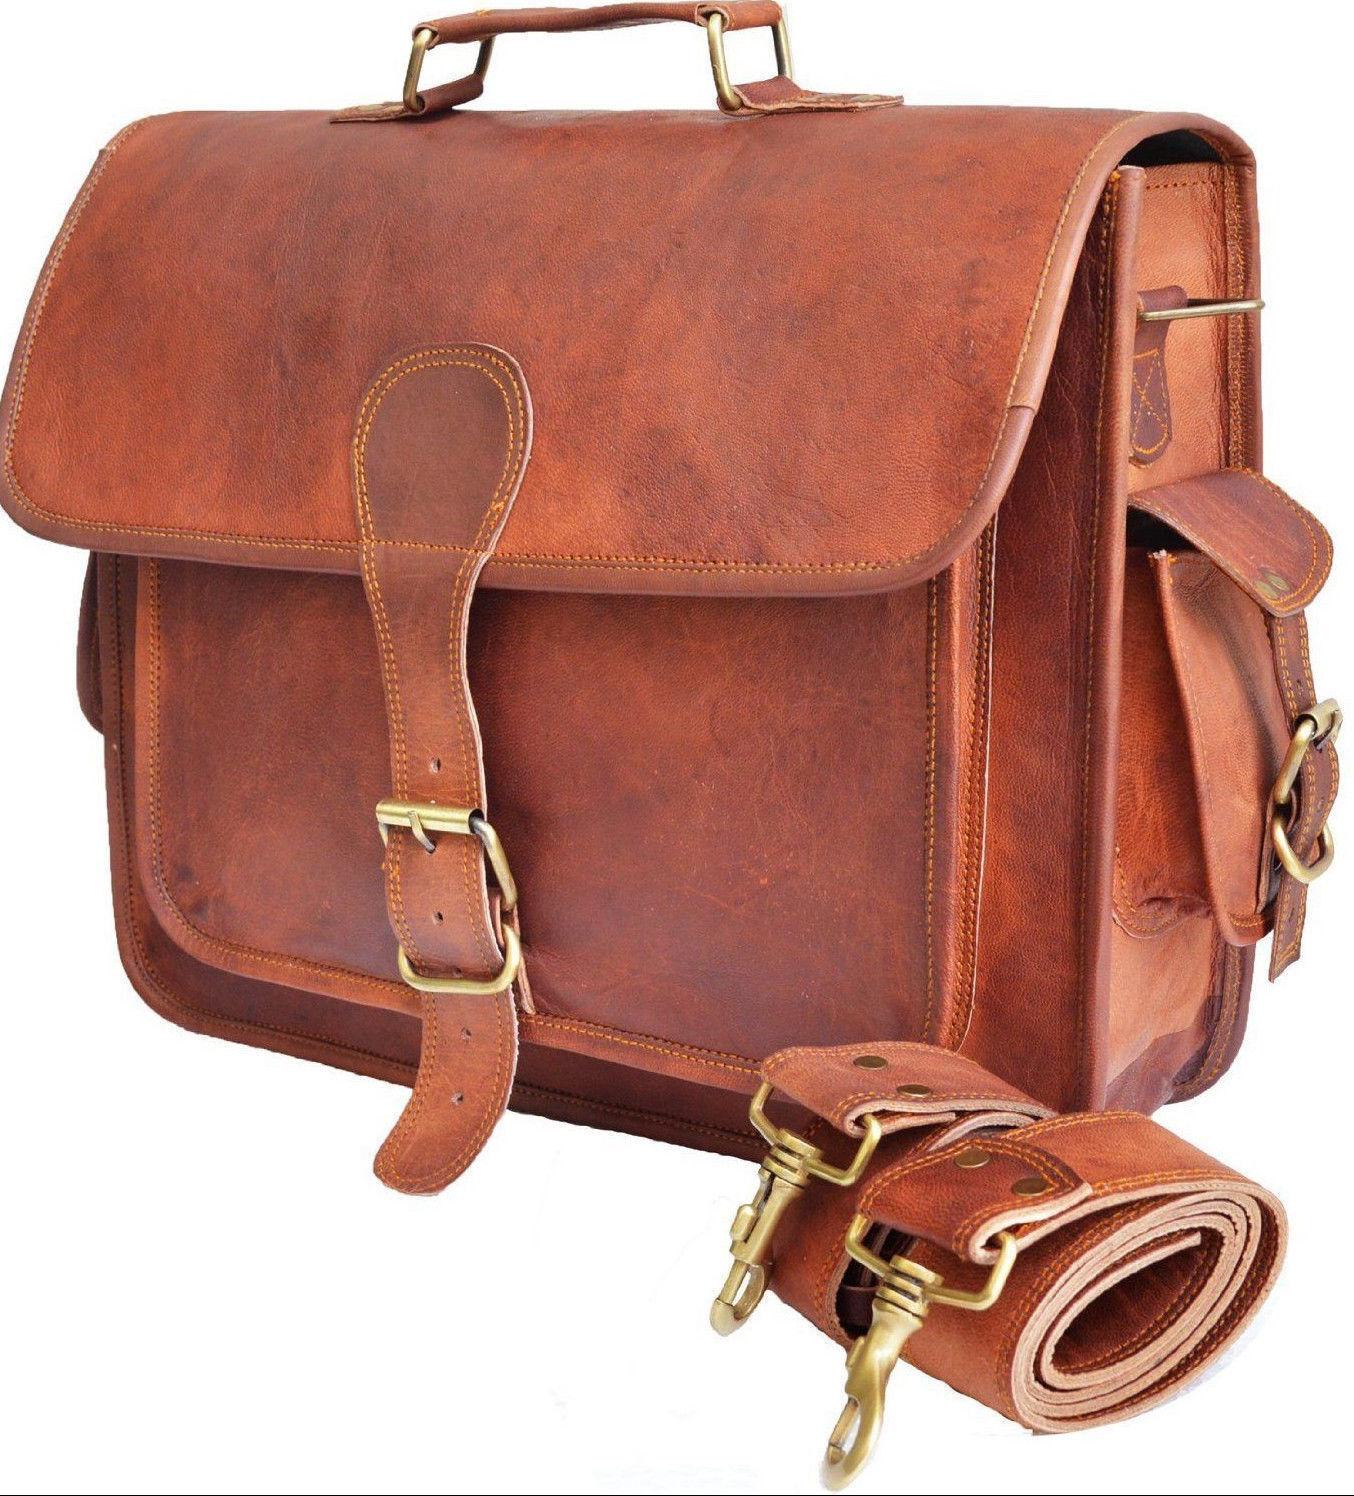 Männer Distressed Leder Vintage Braun Messenger Schulter Laptoptasche Aktentasch | Zarte